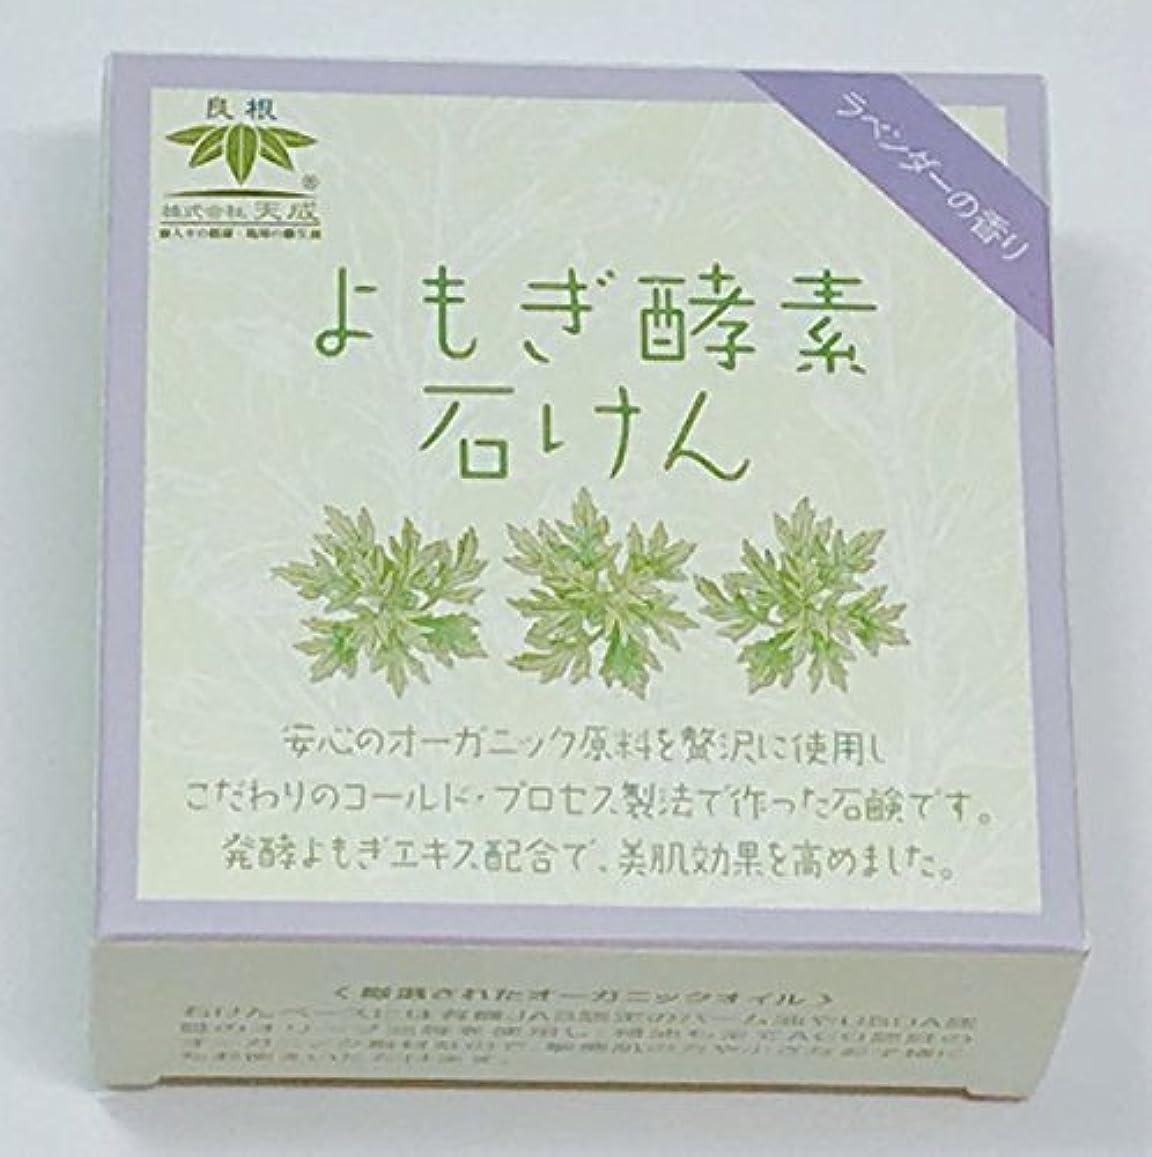 よもぎ酵素石けん(ラベンダーの香り)